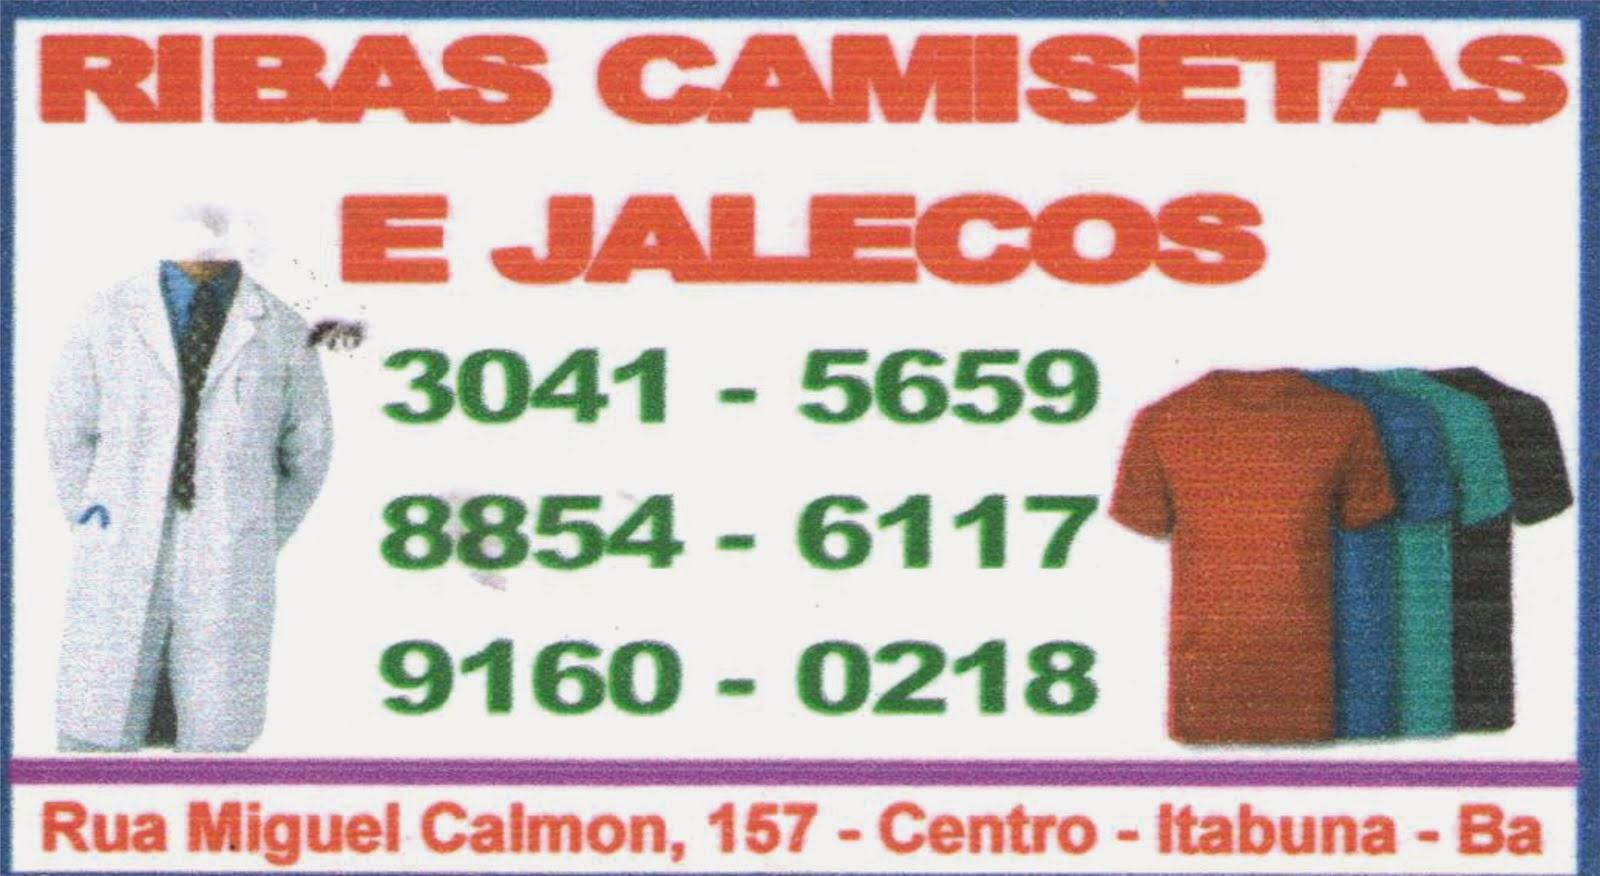 RIBAS CAMISETAS E JALECOS